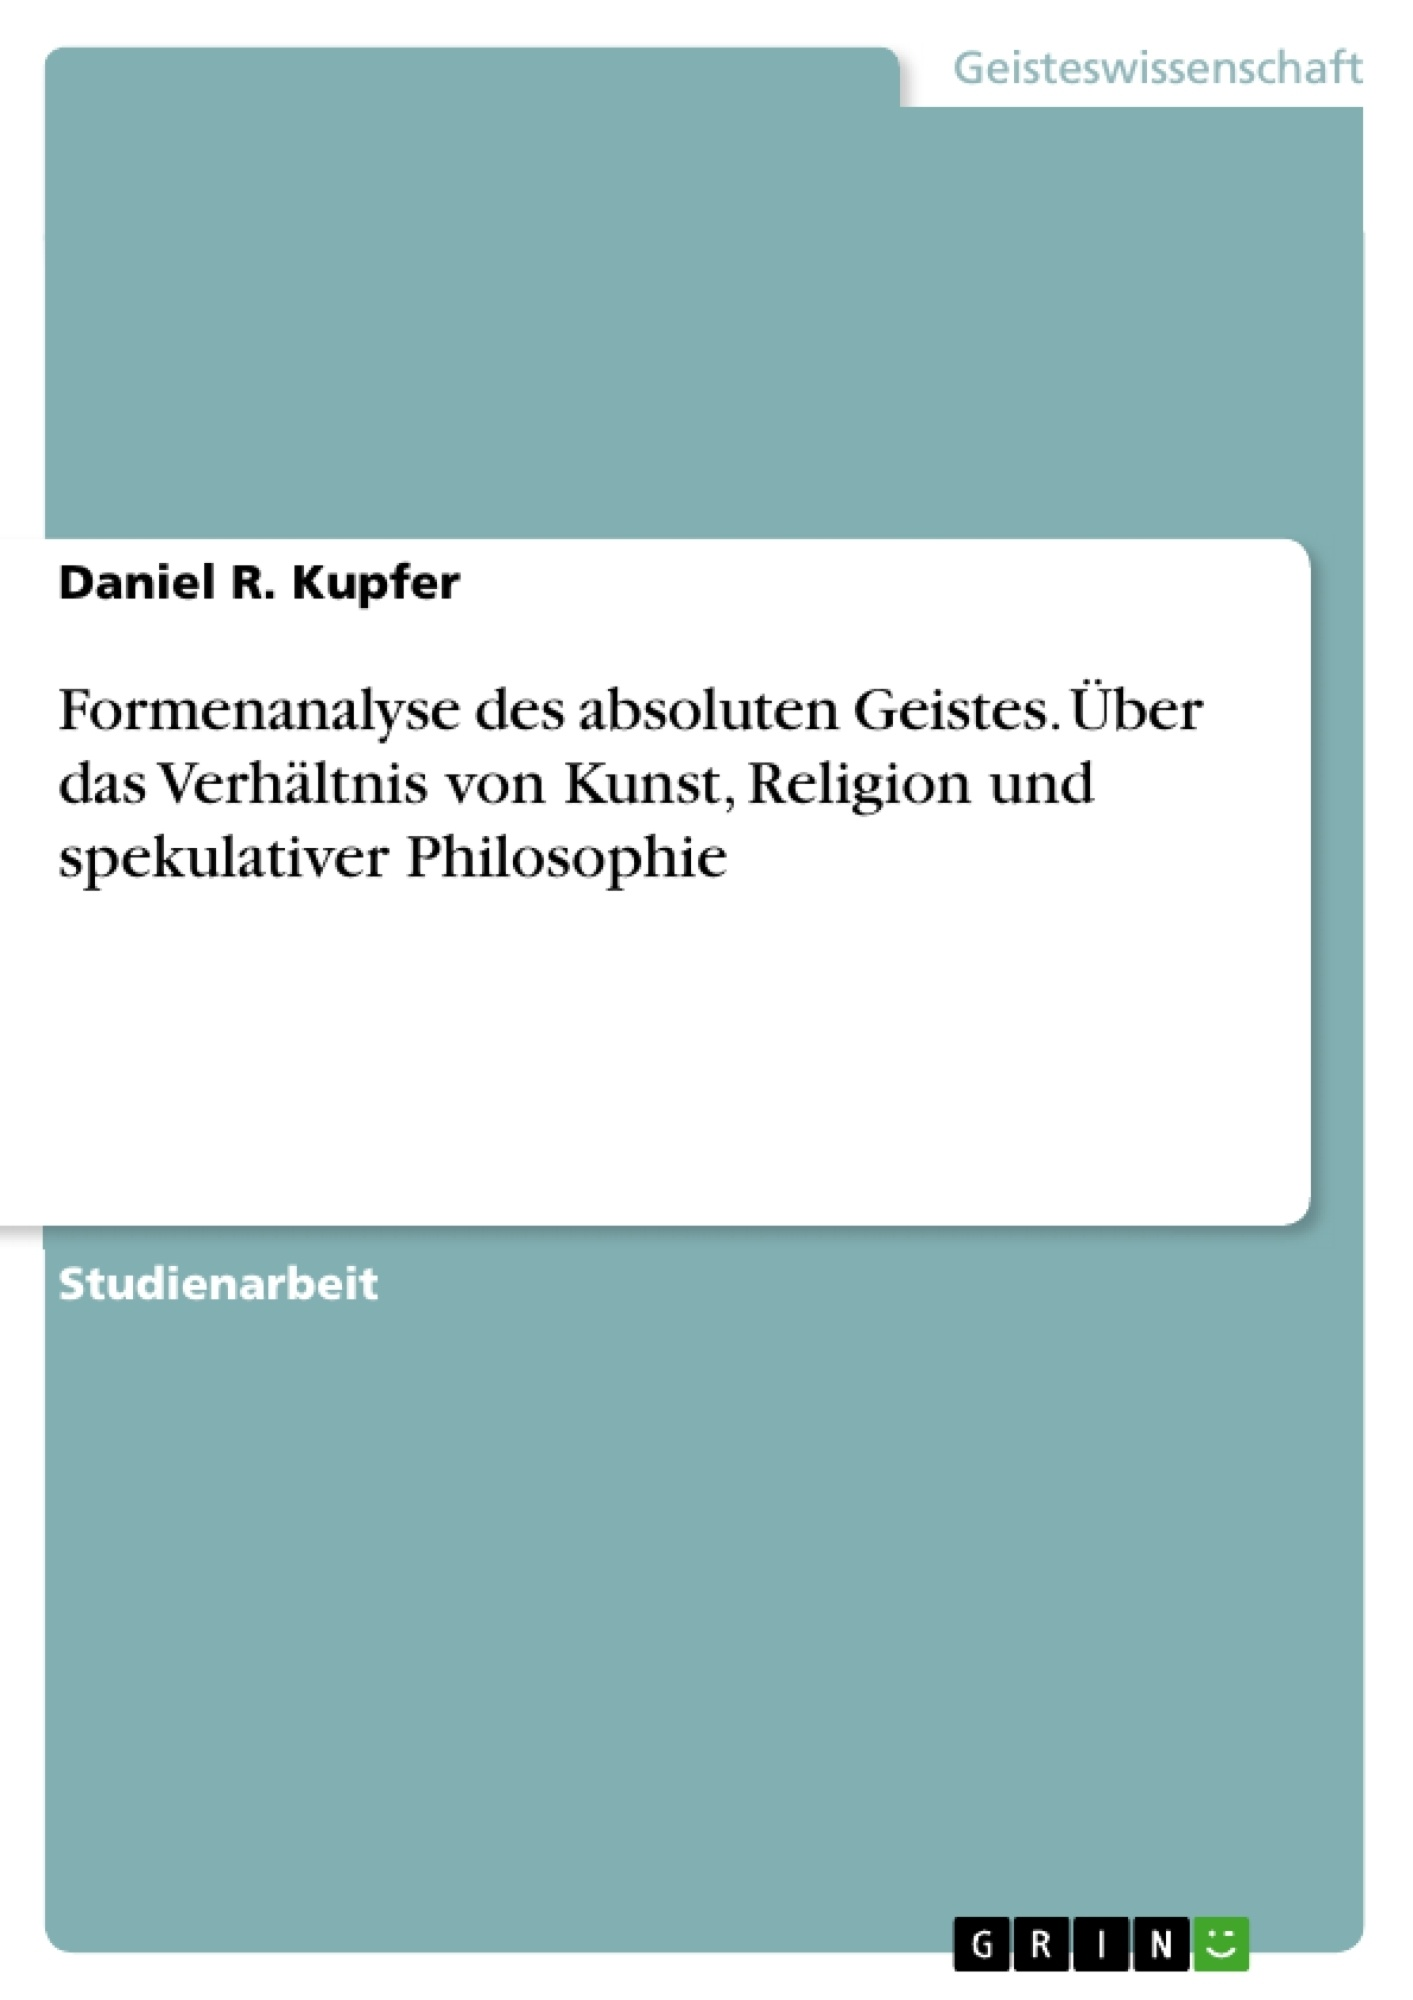 Titel: Formenanalyse des absoluten Geistes. Über das Verhältnis von Kunst, Religion und spekulativer Philosophie